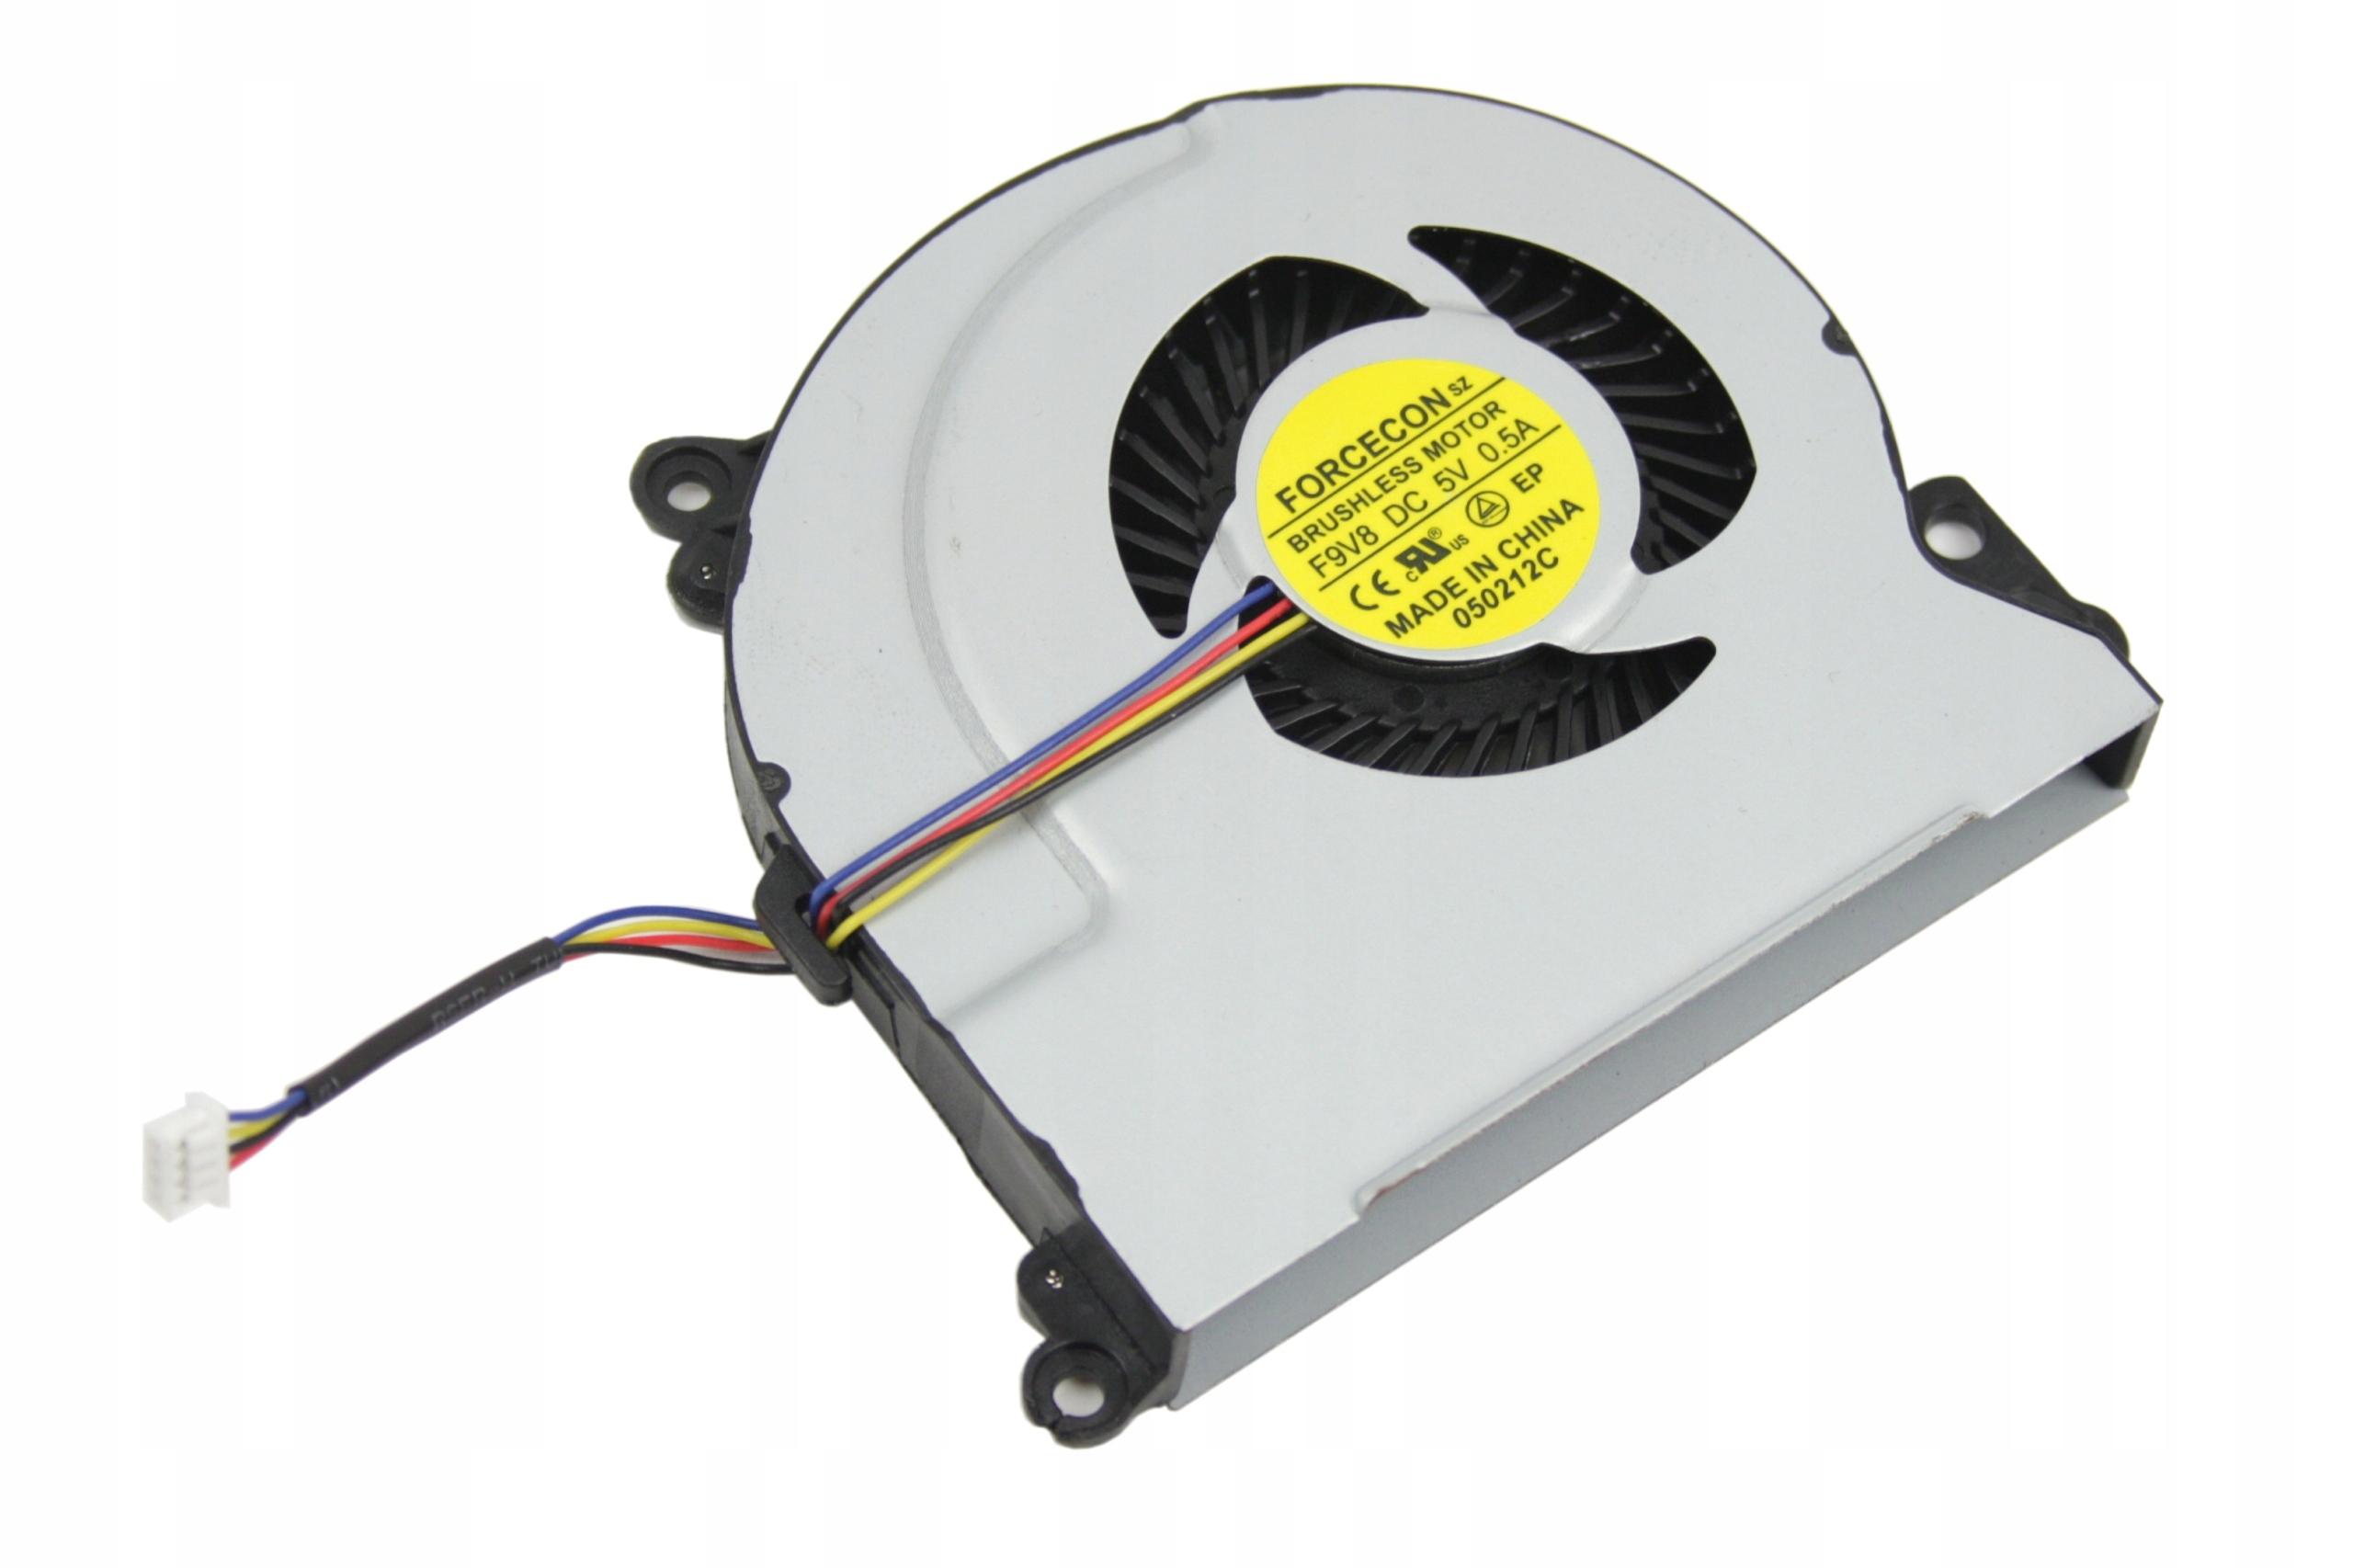 WENTYLATOR CHŁODZENIE WIATRAK HP ENVY 15-J 17-J M6-N M7-J TOUCHSMART - Wentylatory i radiatory